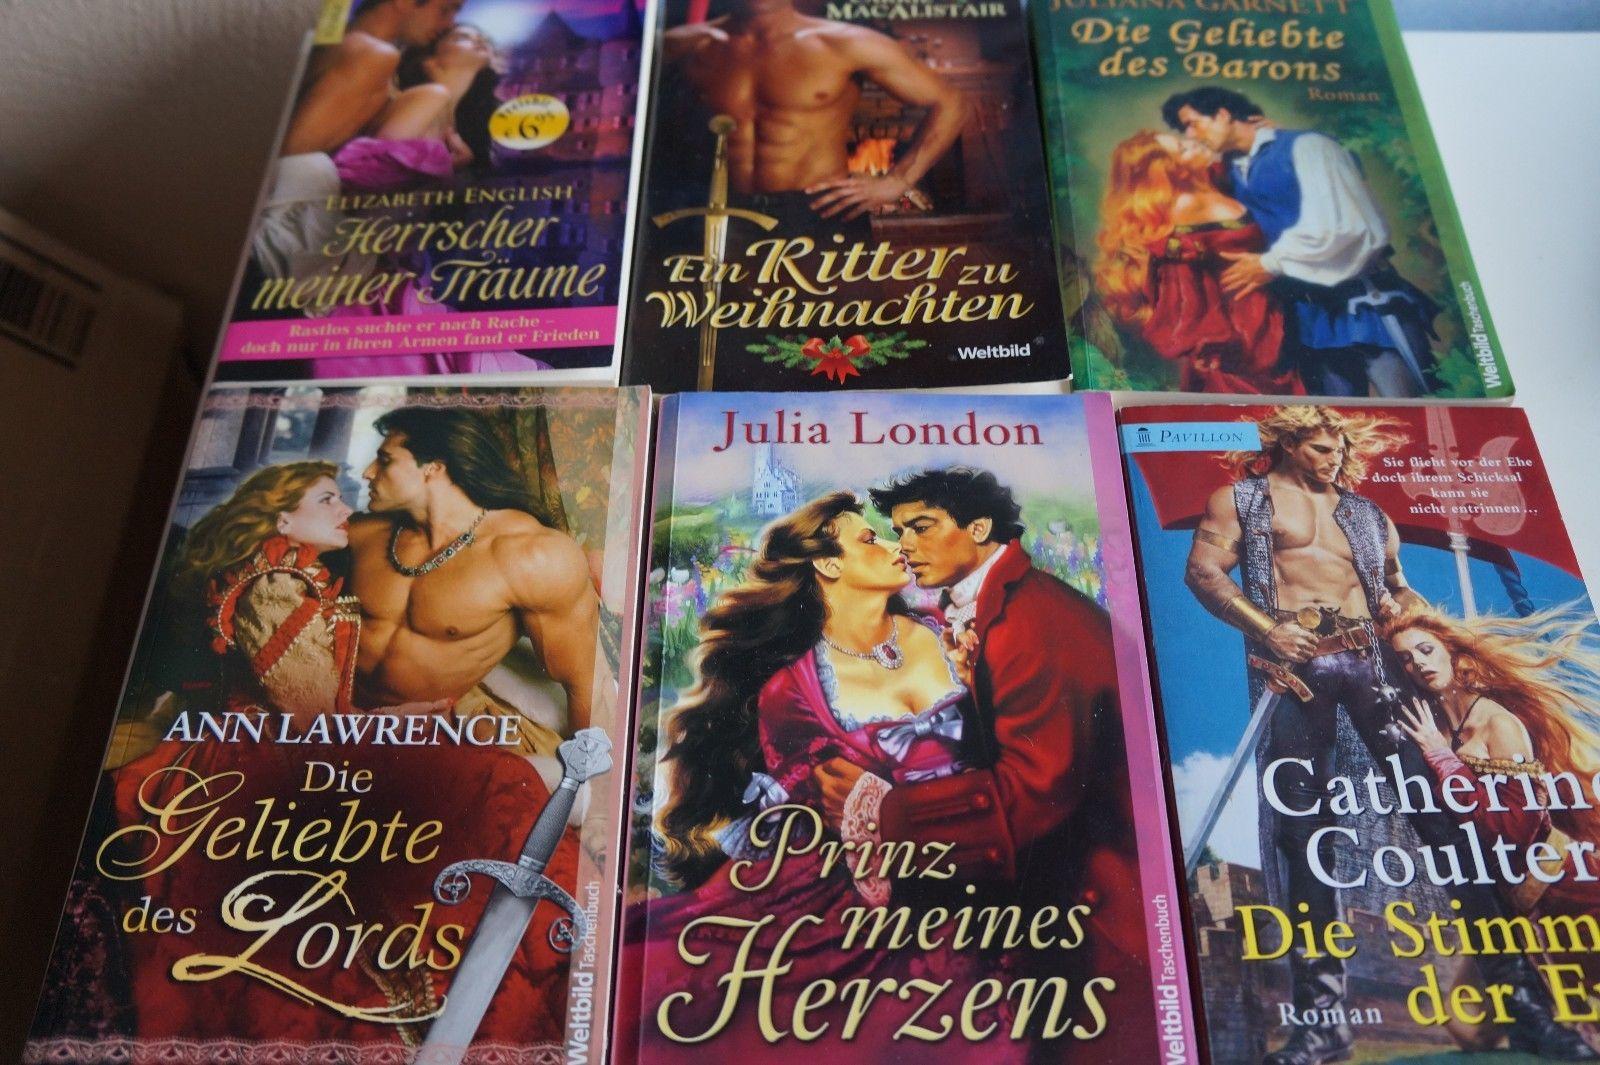 32 historische Liebesromane, Romane, Bücherpaket, Büchersammlung, Highlands ab1€